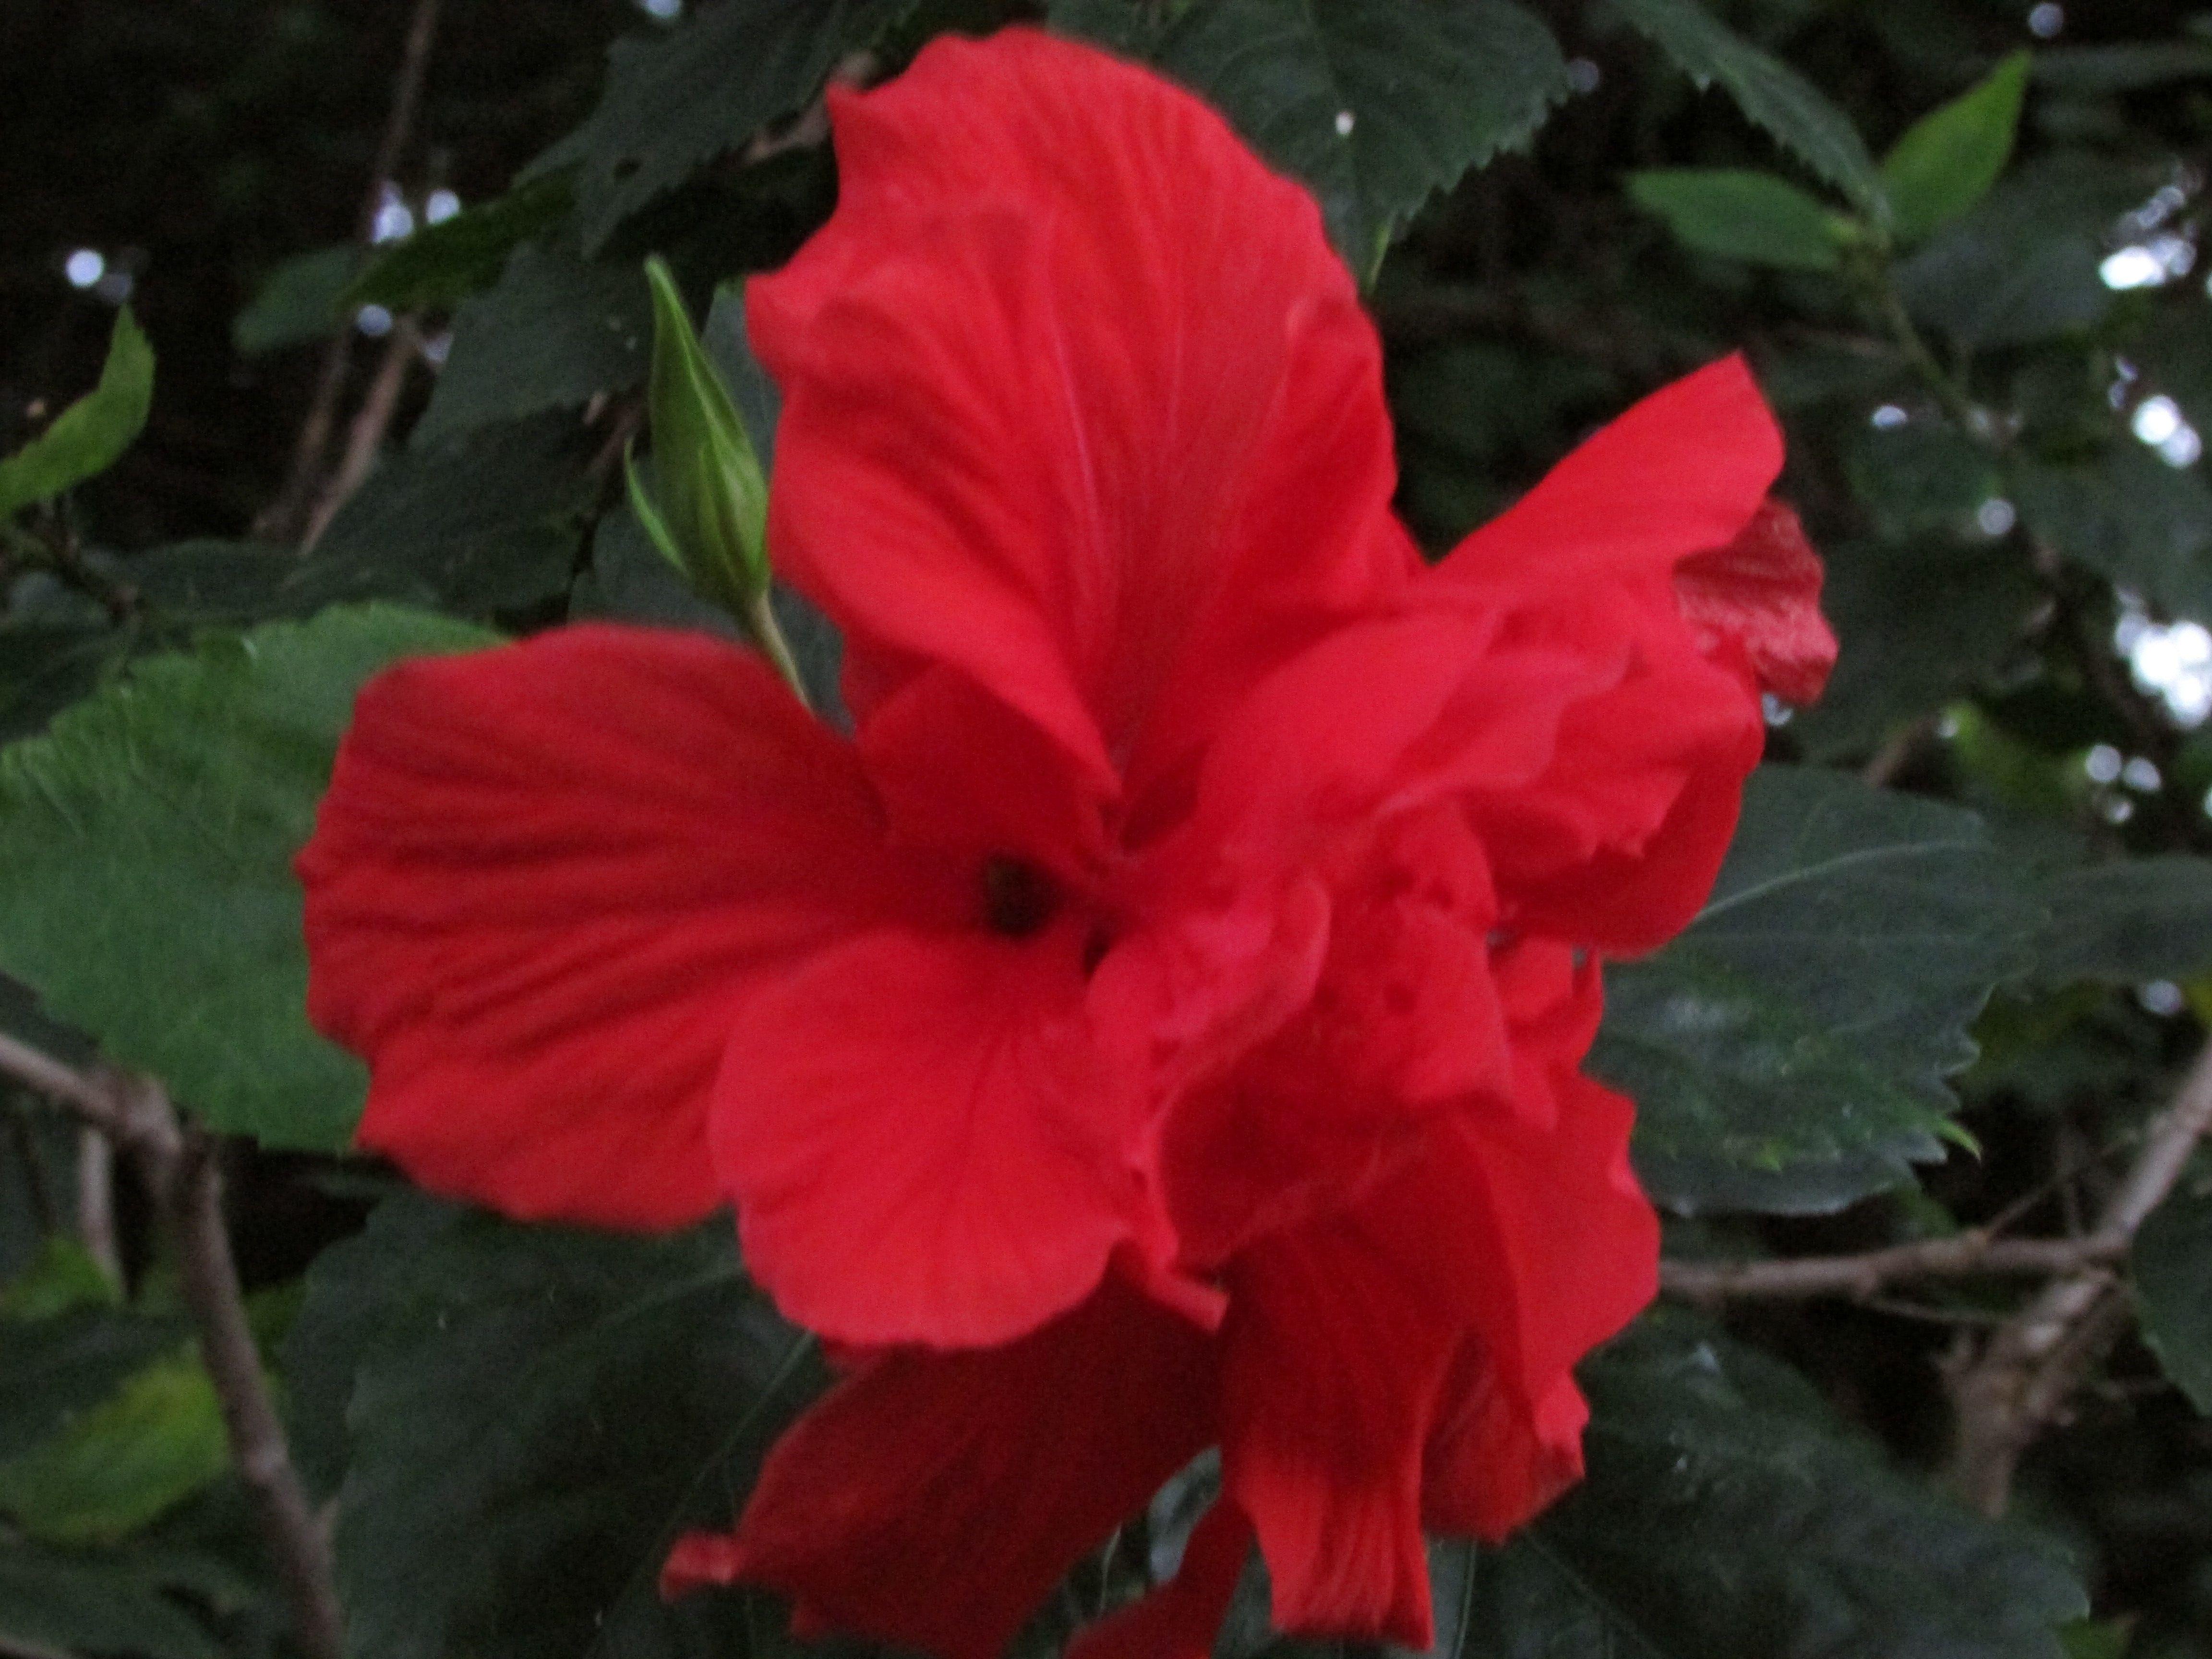 Kauai hi hisbiscus the hawaiian state flower koi pond and kauai hi hisbiscus the hawaiian state flower hibiscus flowerskauai izmirmasajfo